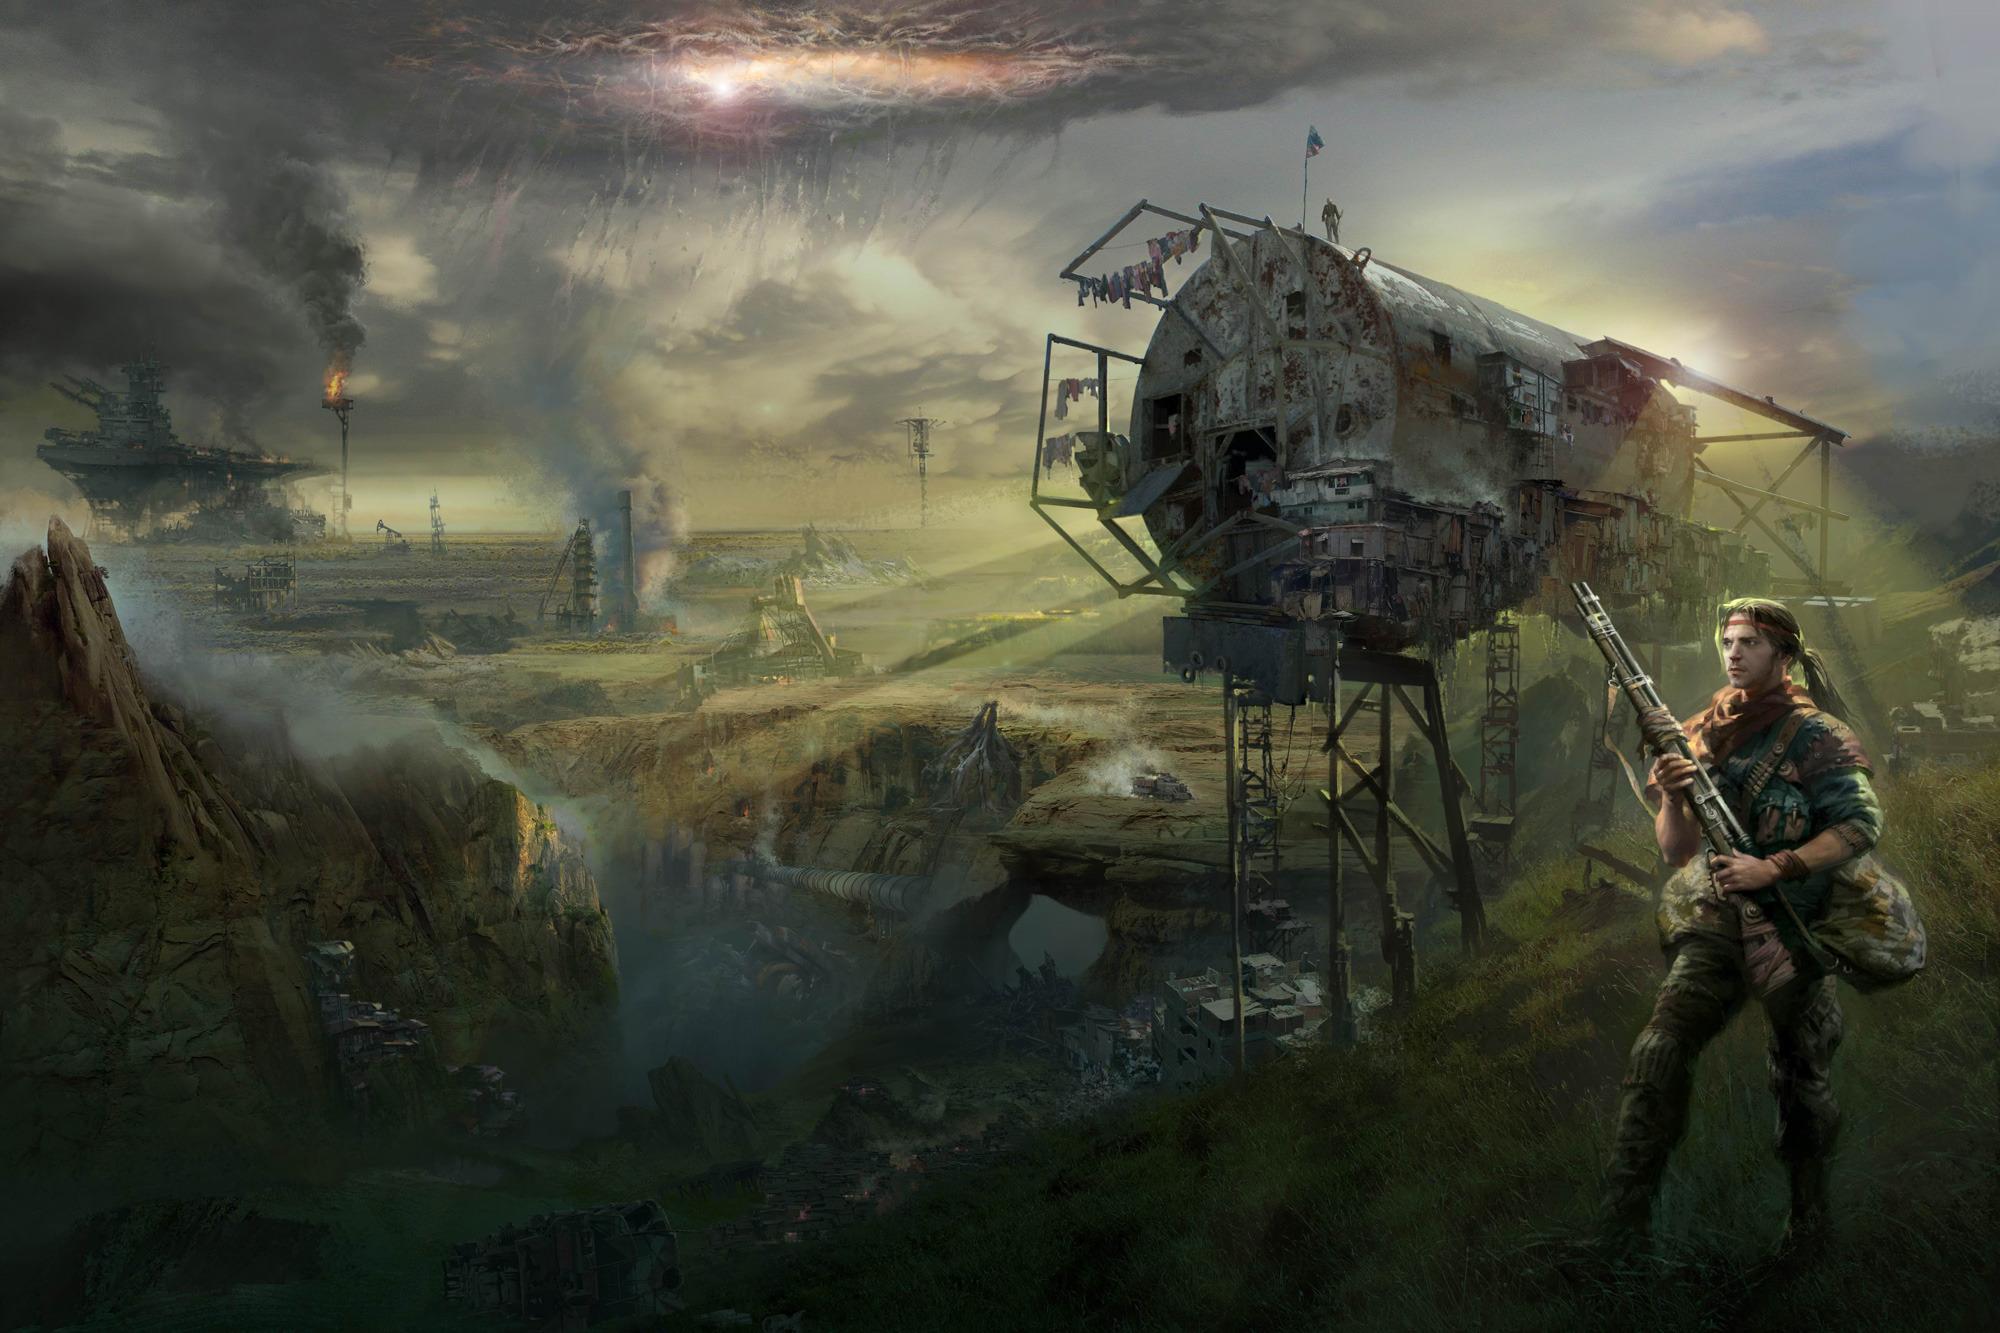 Картинки постапокалипсис с торрента